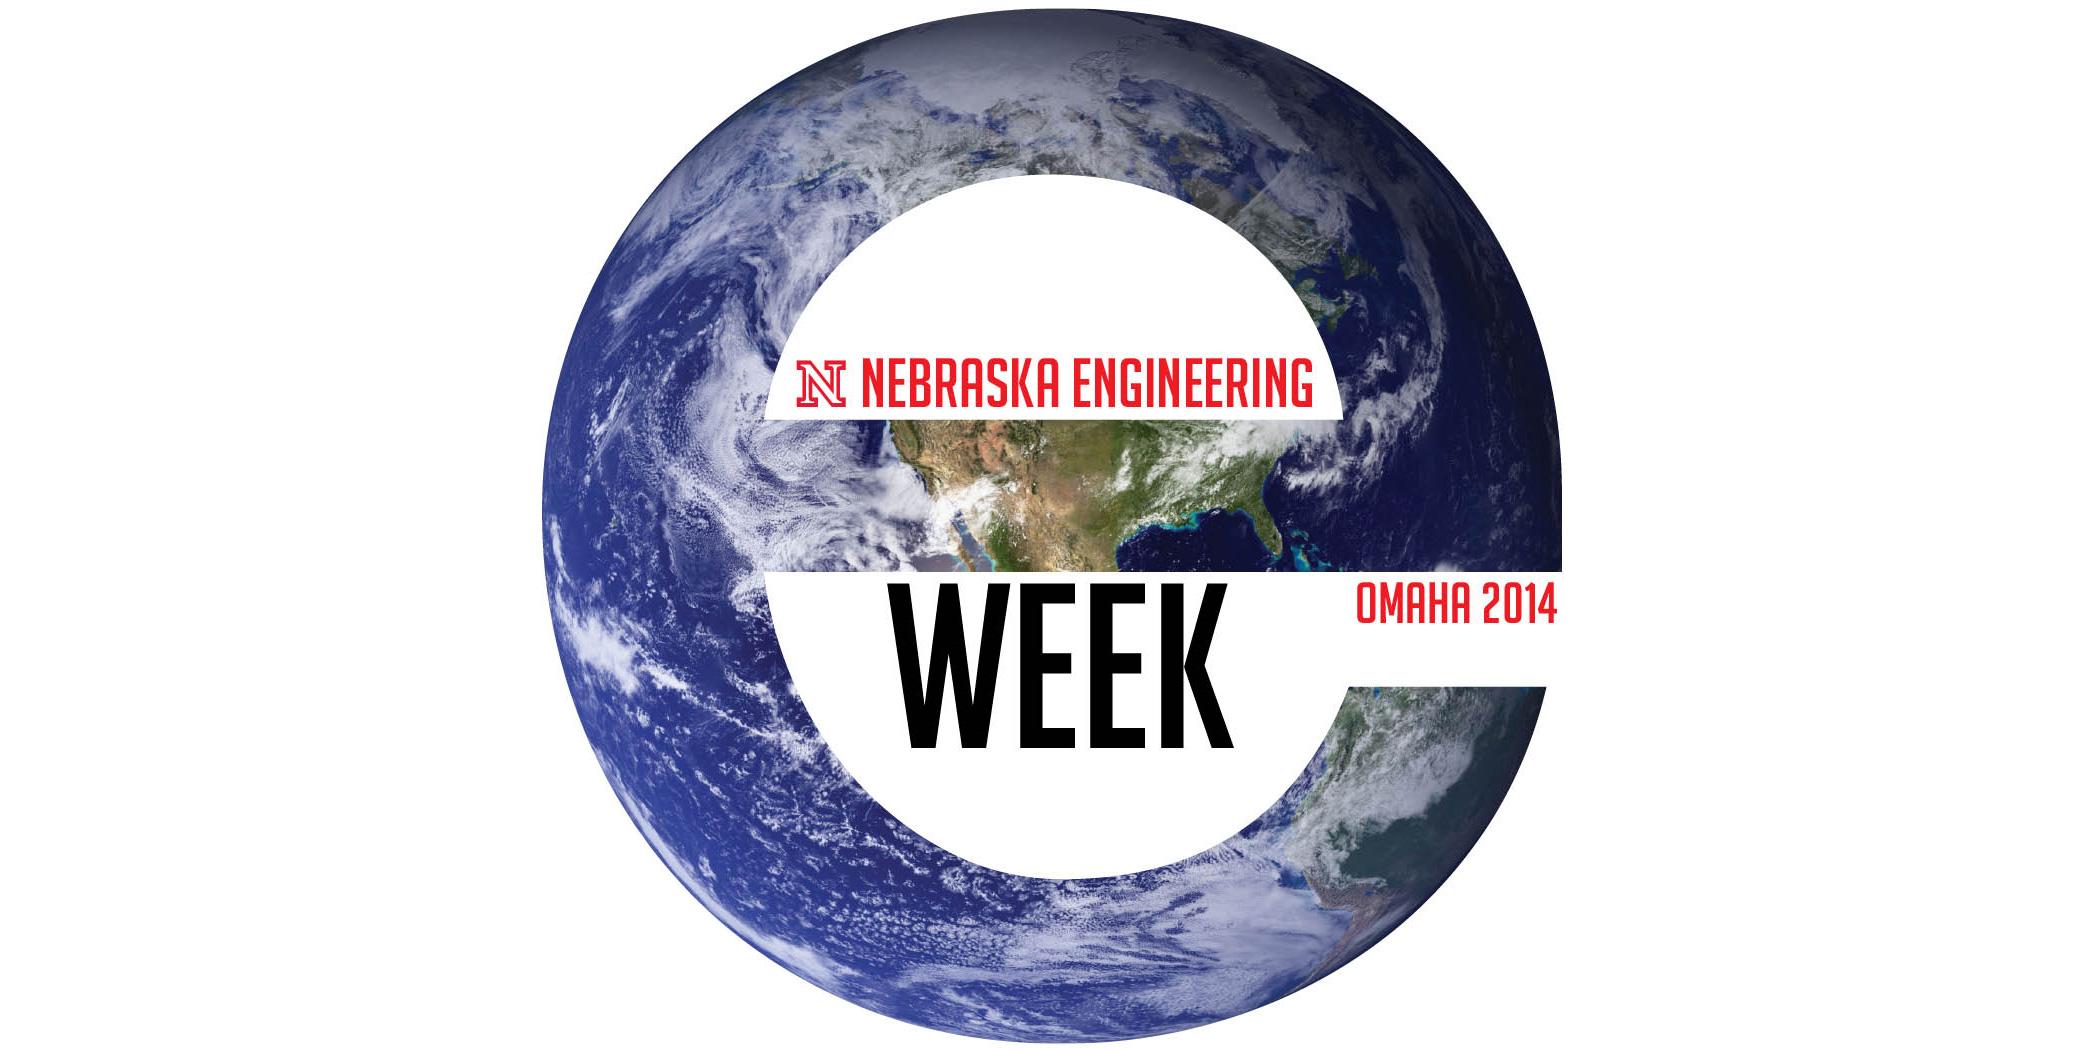 Omaha 2014 eWeek Logo